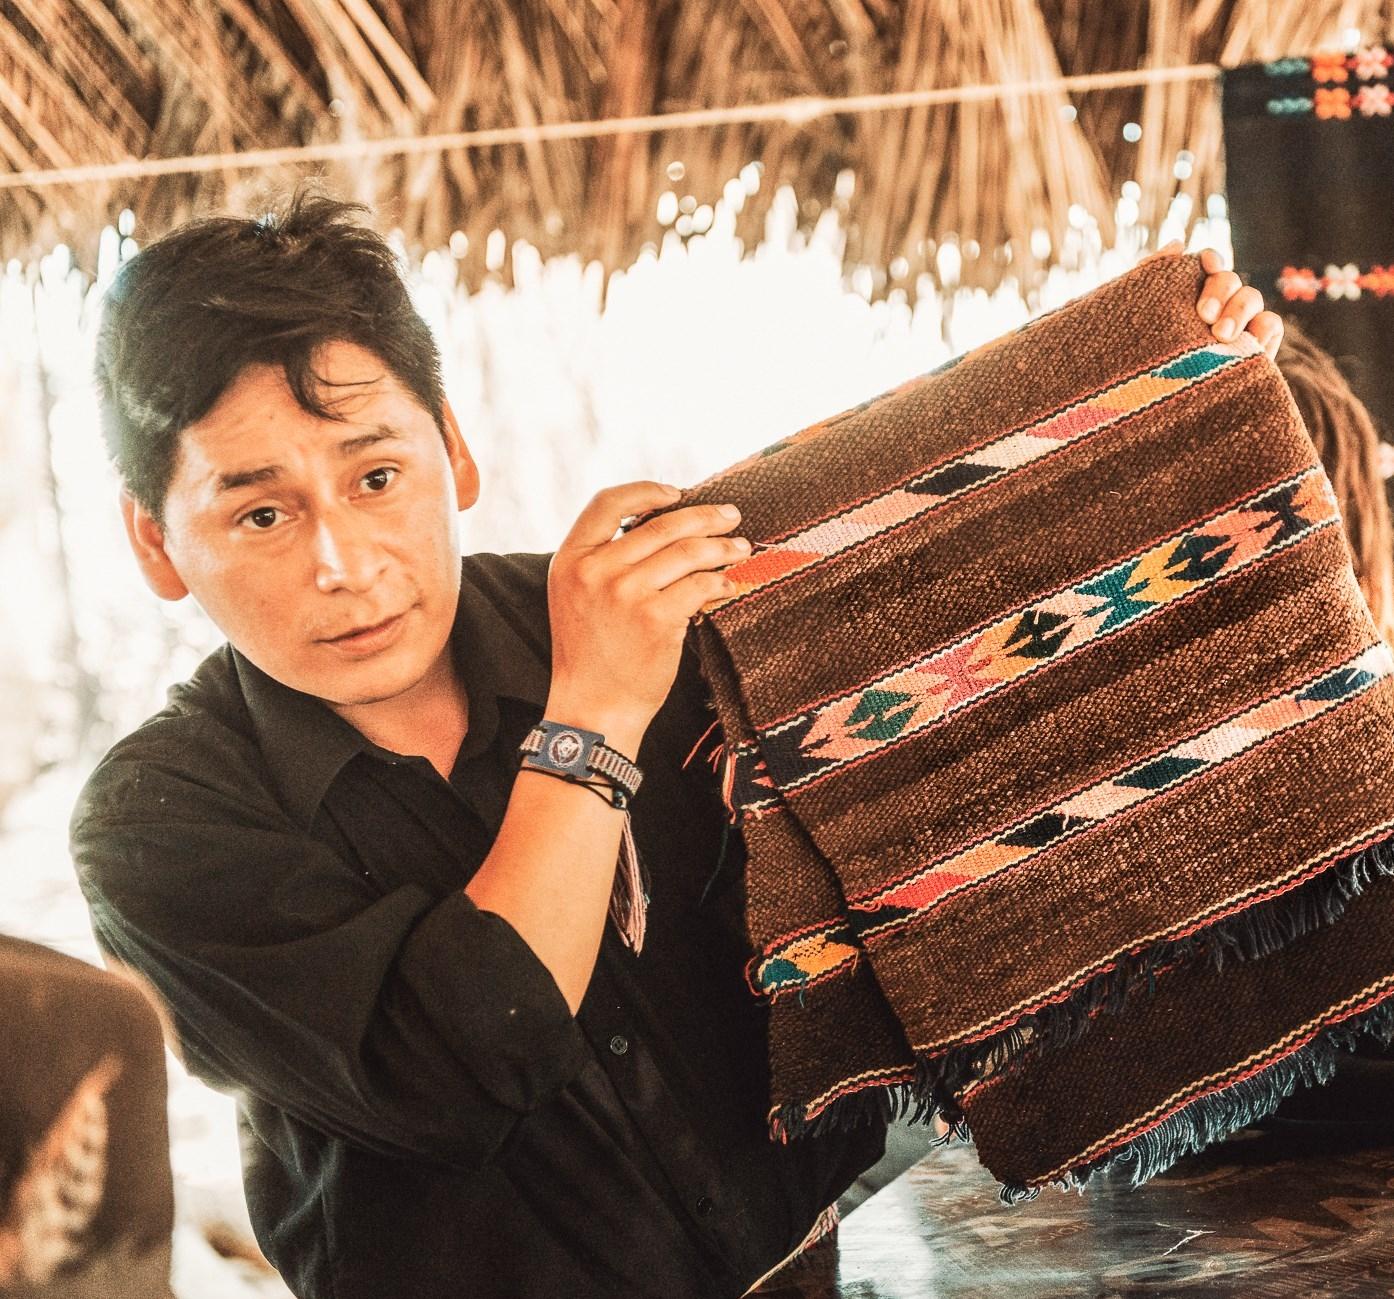 CHANKA FROM PERU